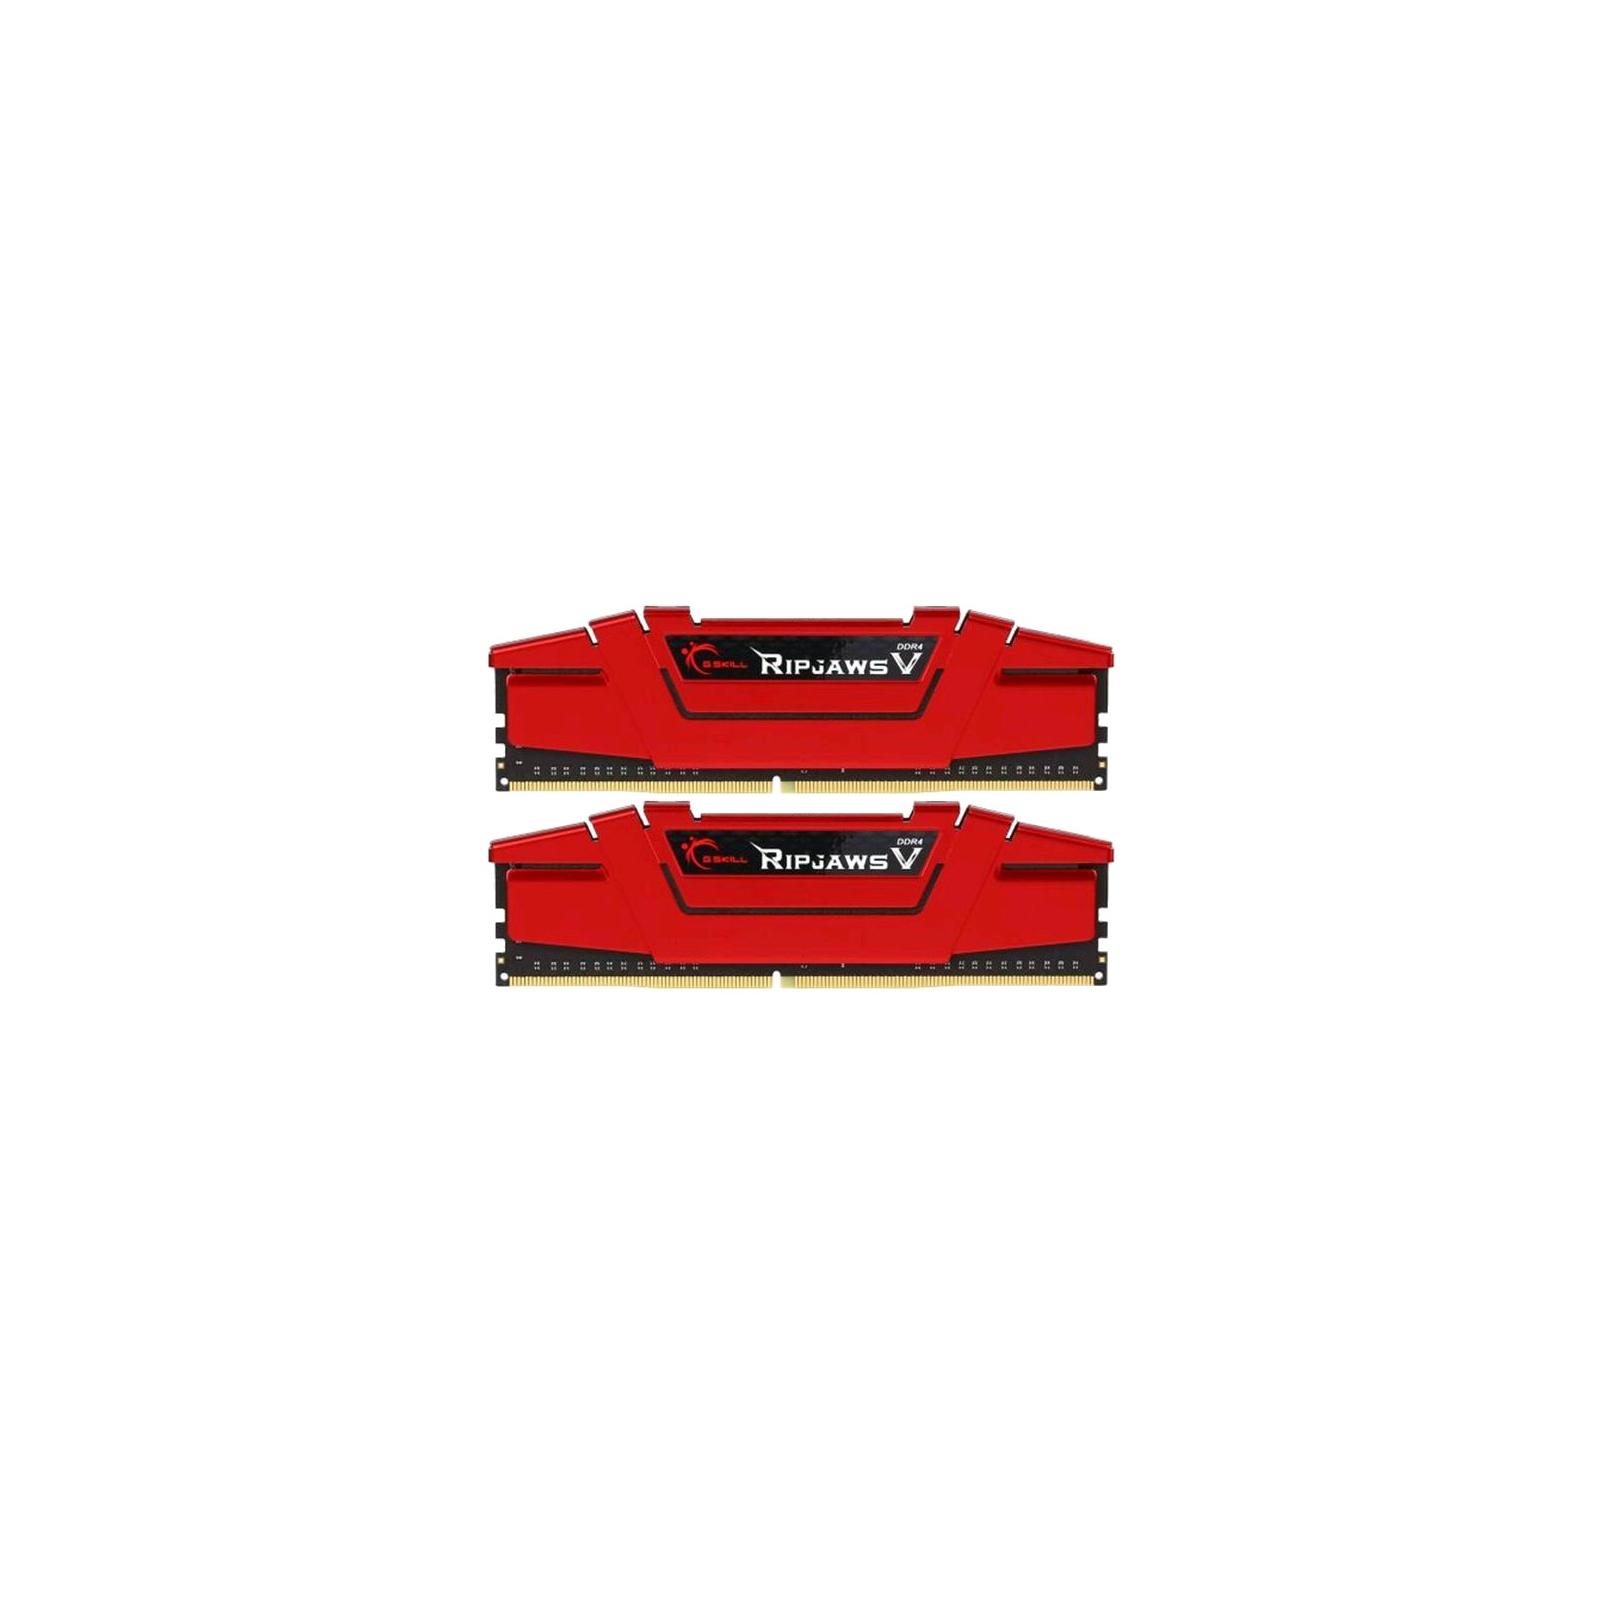 Модуль памяти для компьютера DDR4 32GB (2x16GB) 2133 MHz Ripjaws V G.Skill (F4-2133C15D-32GVR)